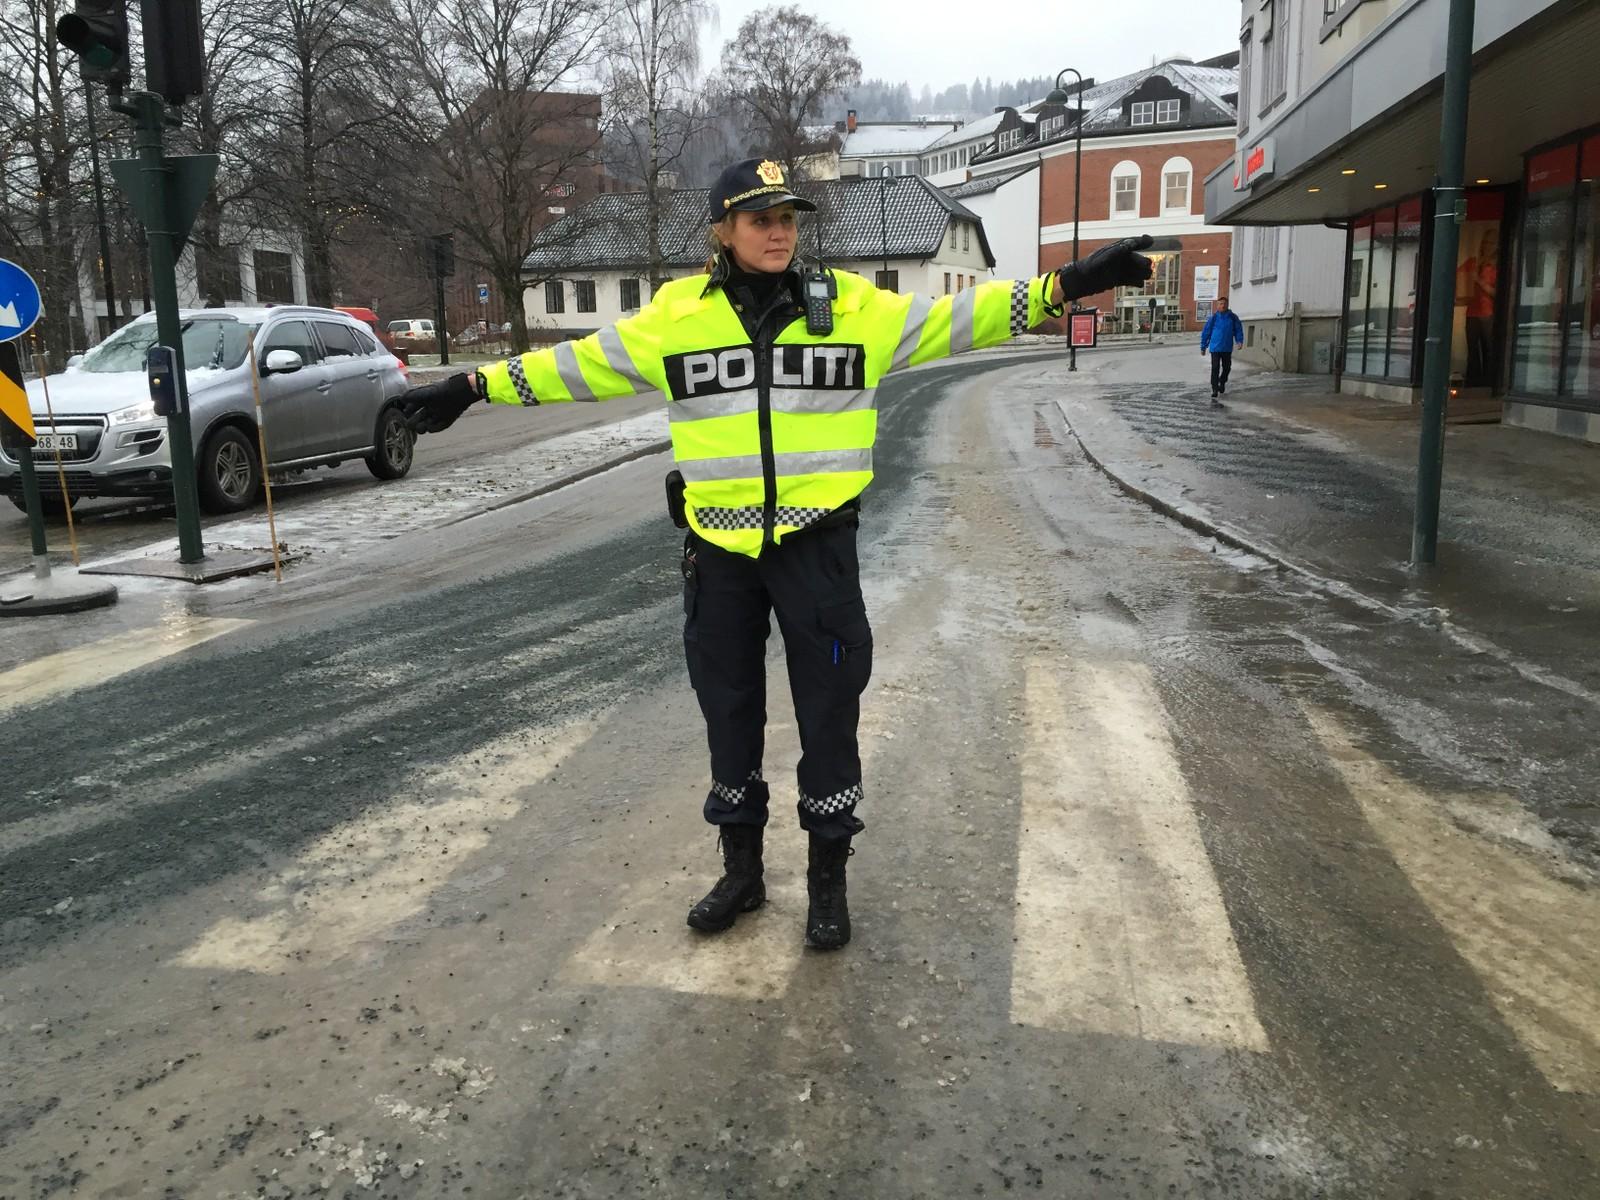 Politiet måtte ut å dirigrere trafikken i Gjøvik sentrum. Deler av sentrum ble også stengt.